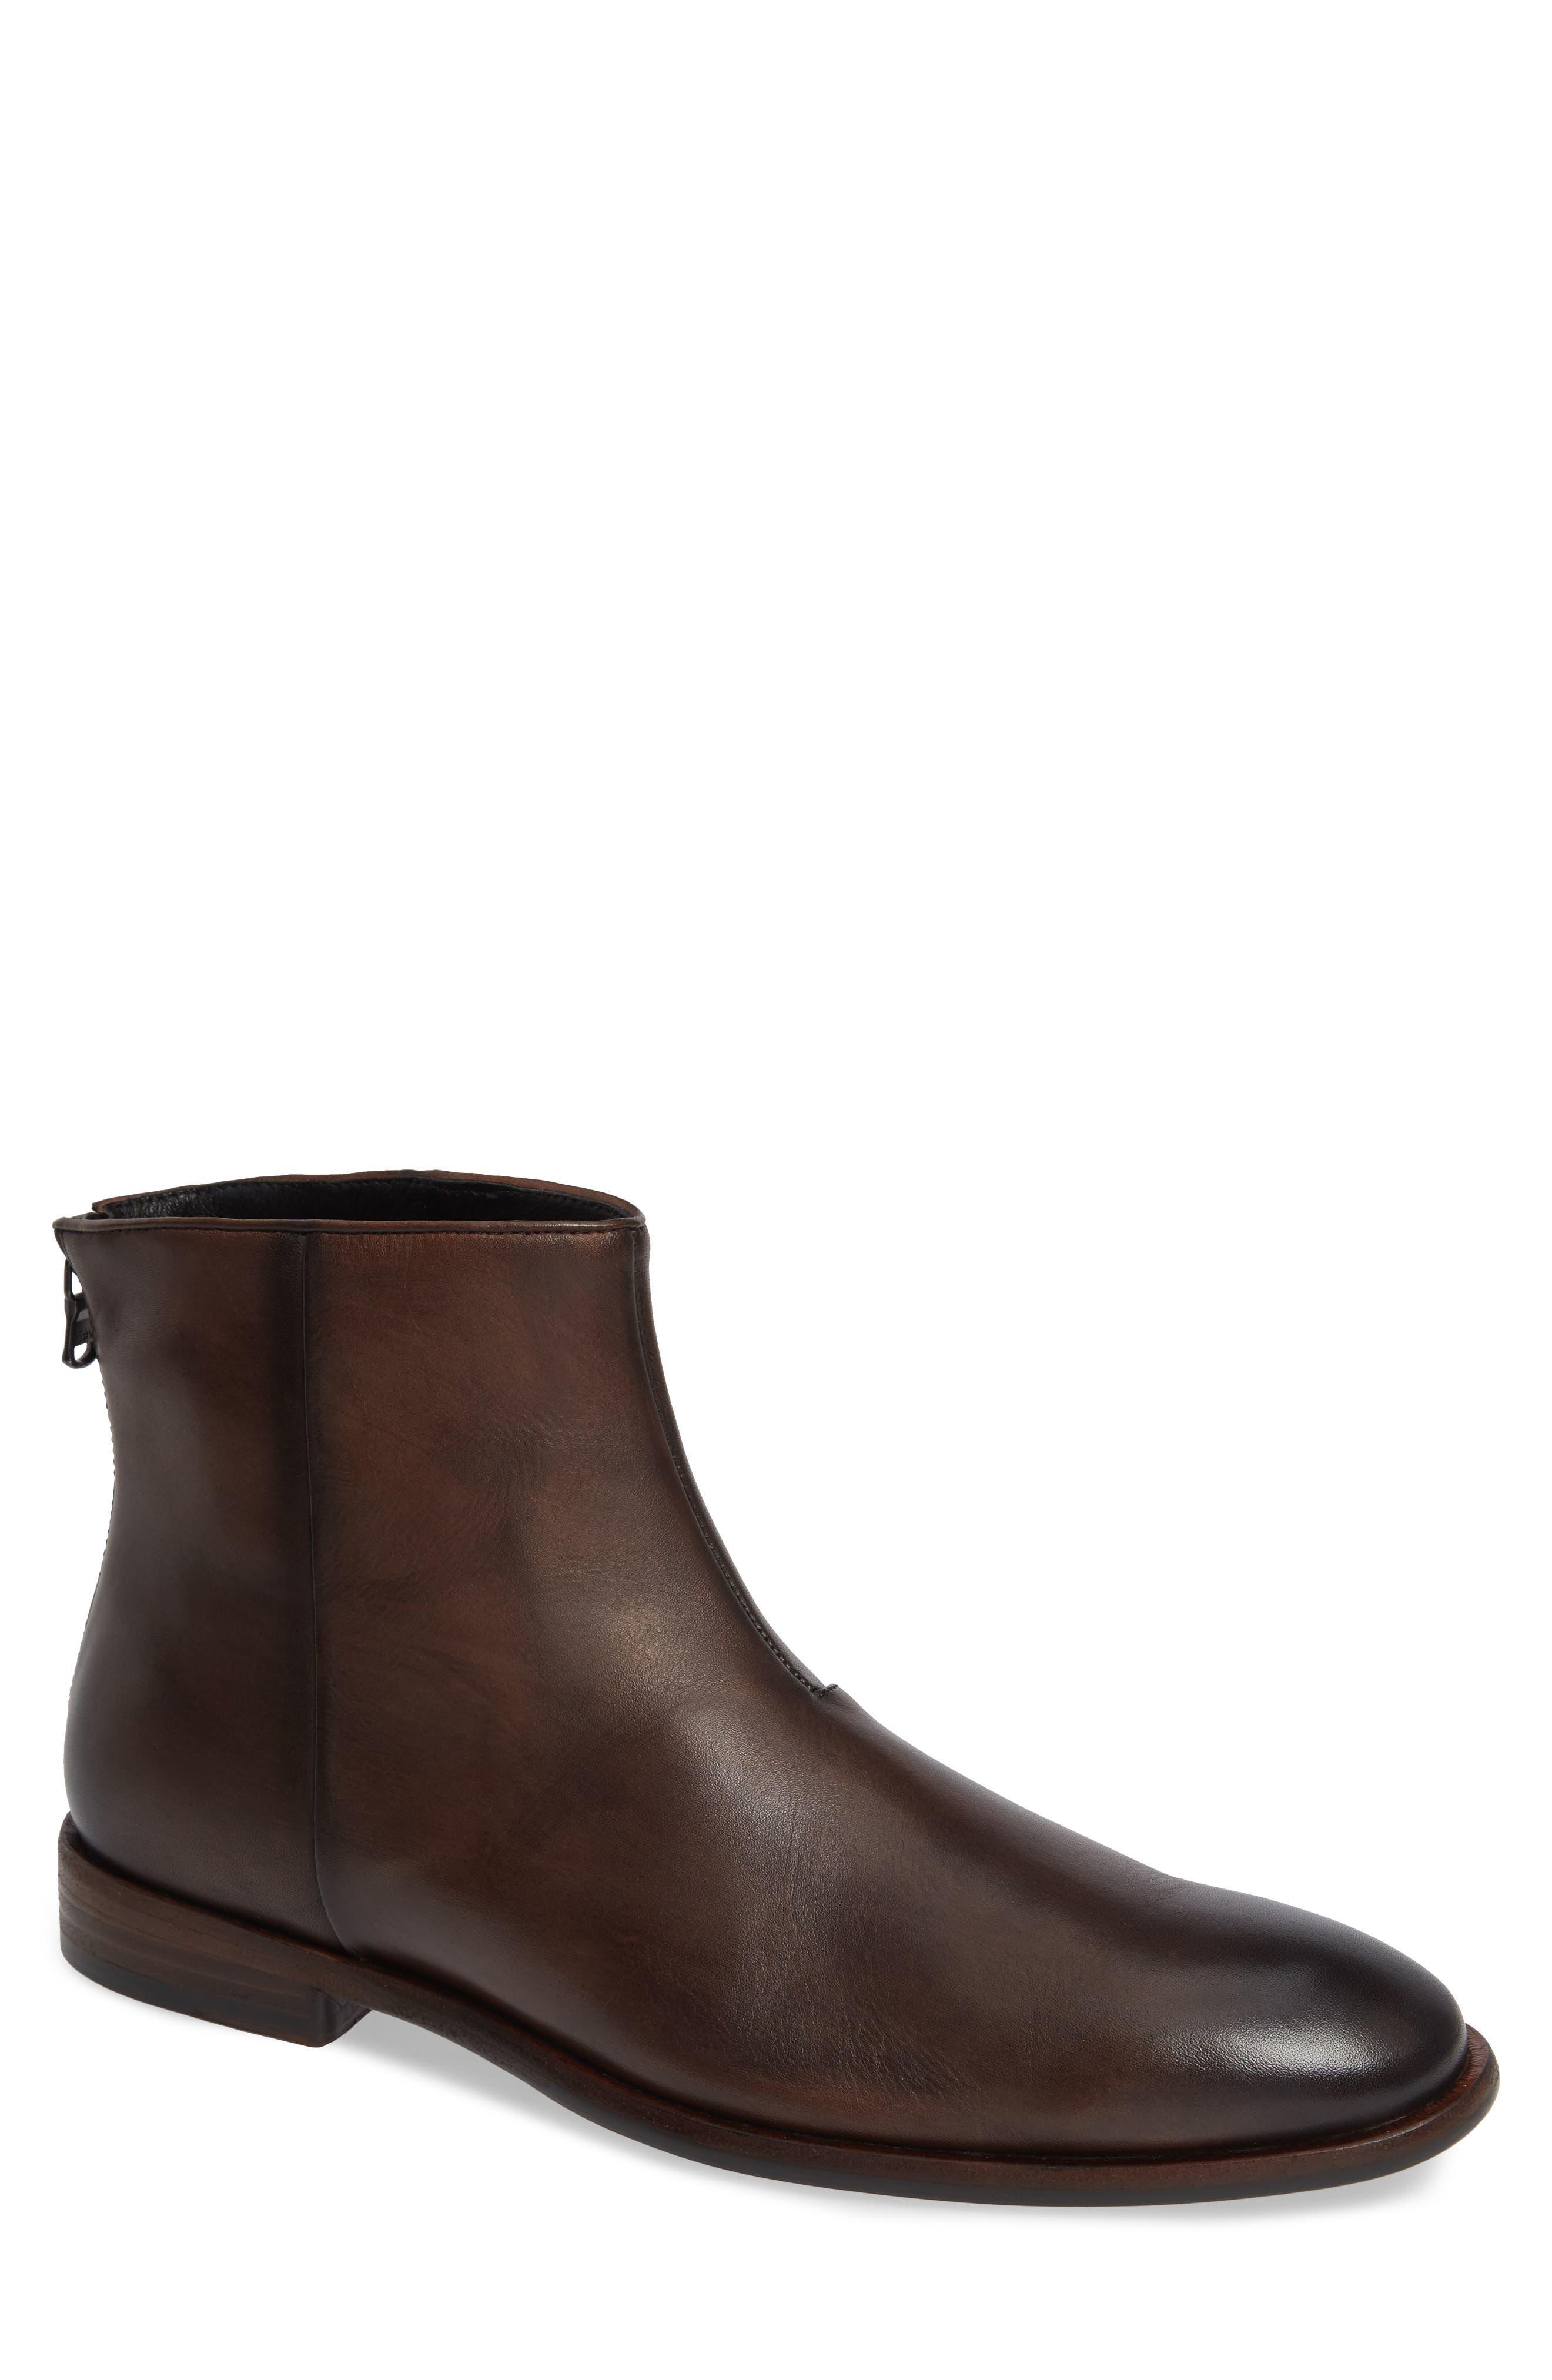 John Varvatos Star Usa Nyc Back Zip Boot, Brown